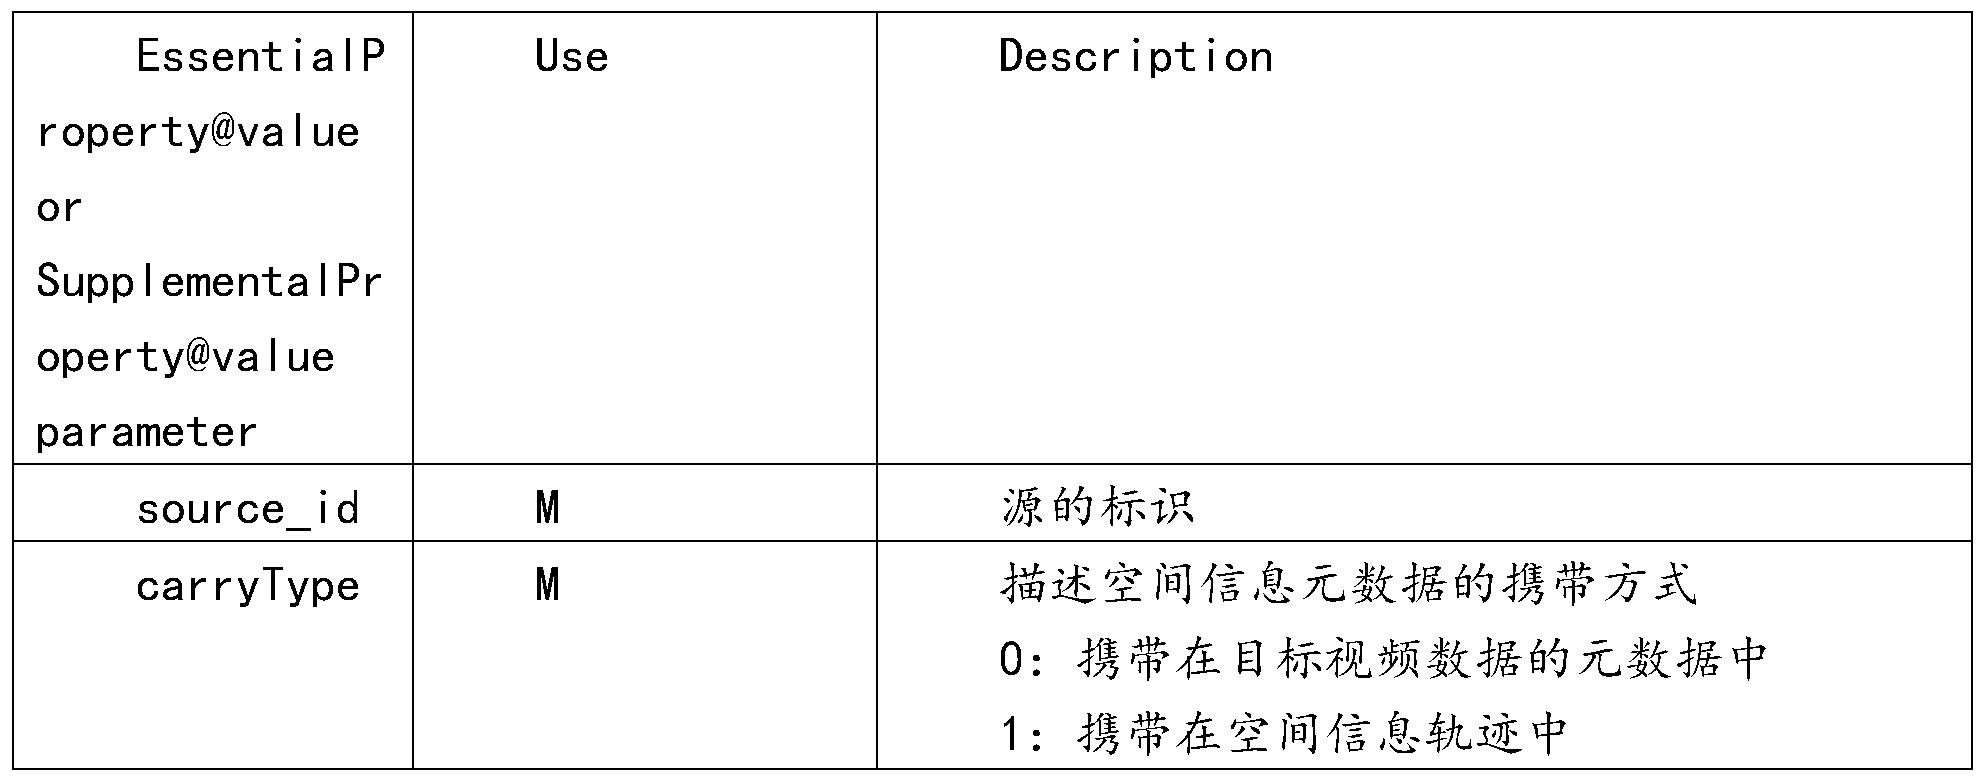 Figure PCTCN2017078585-appb-000015